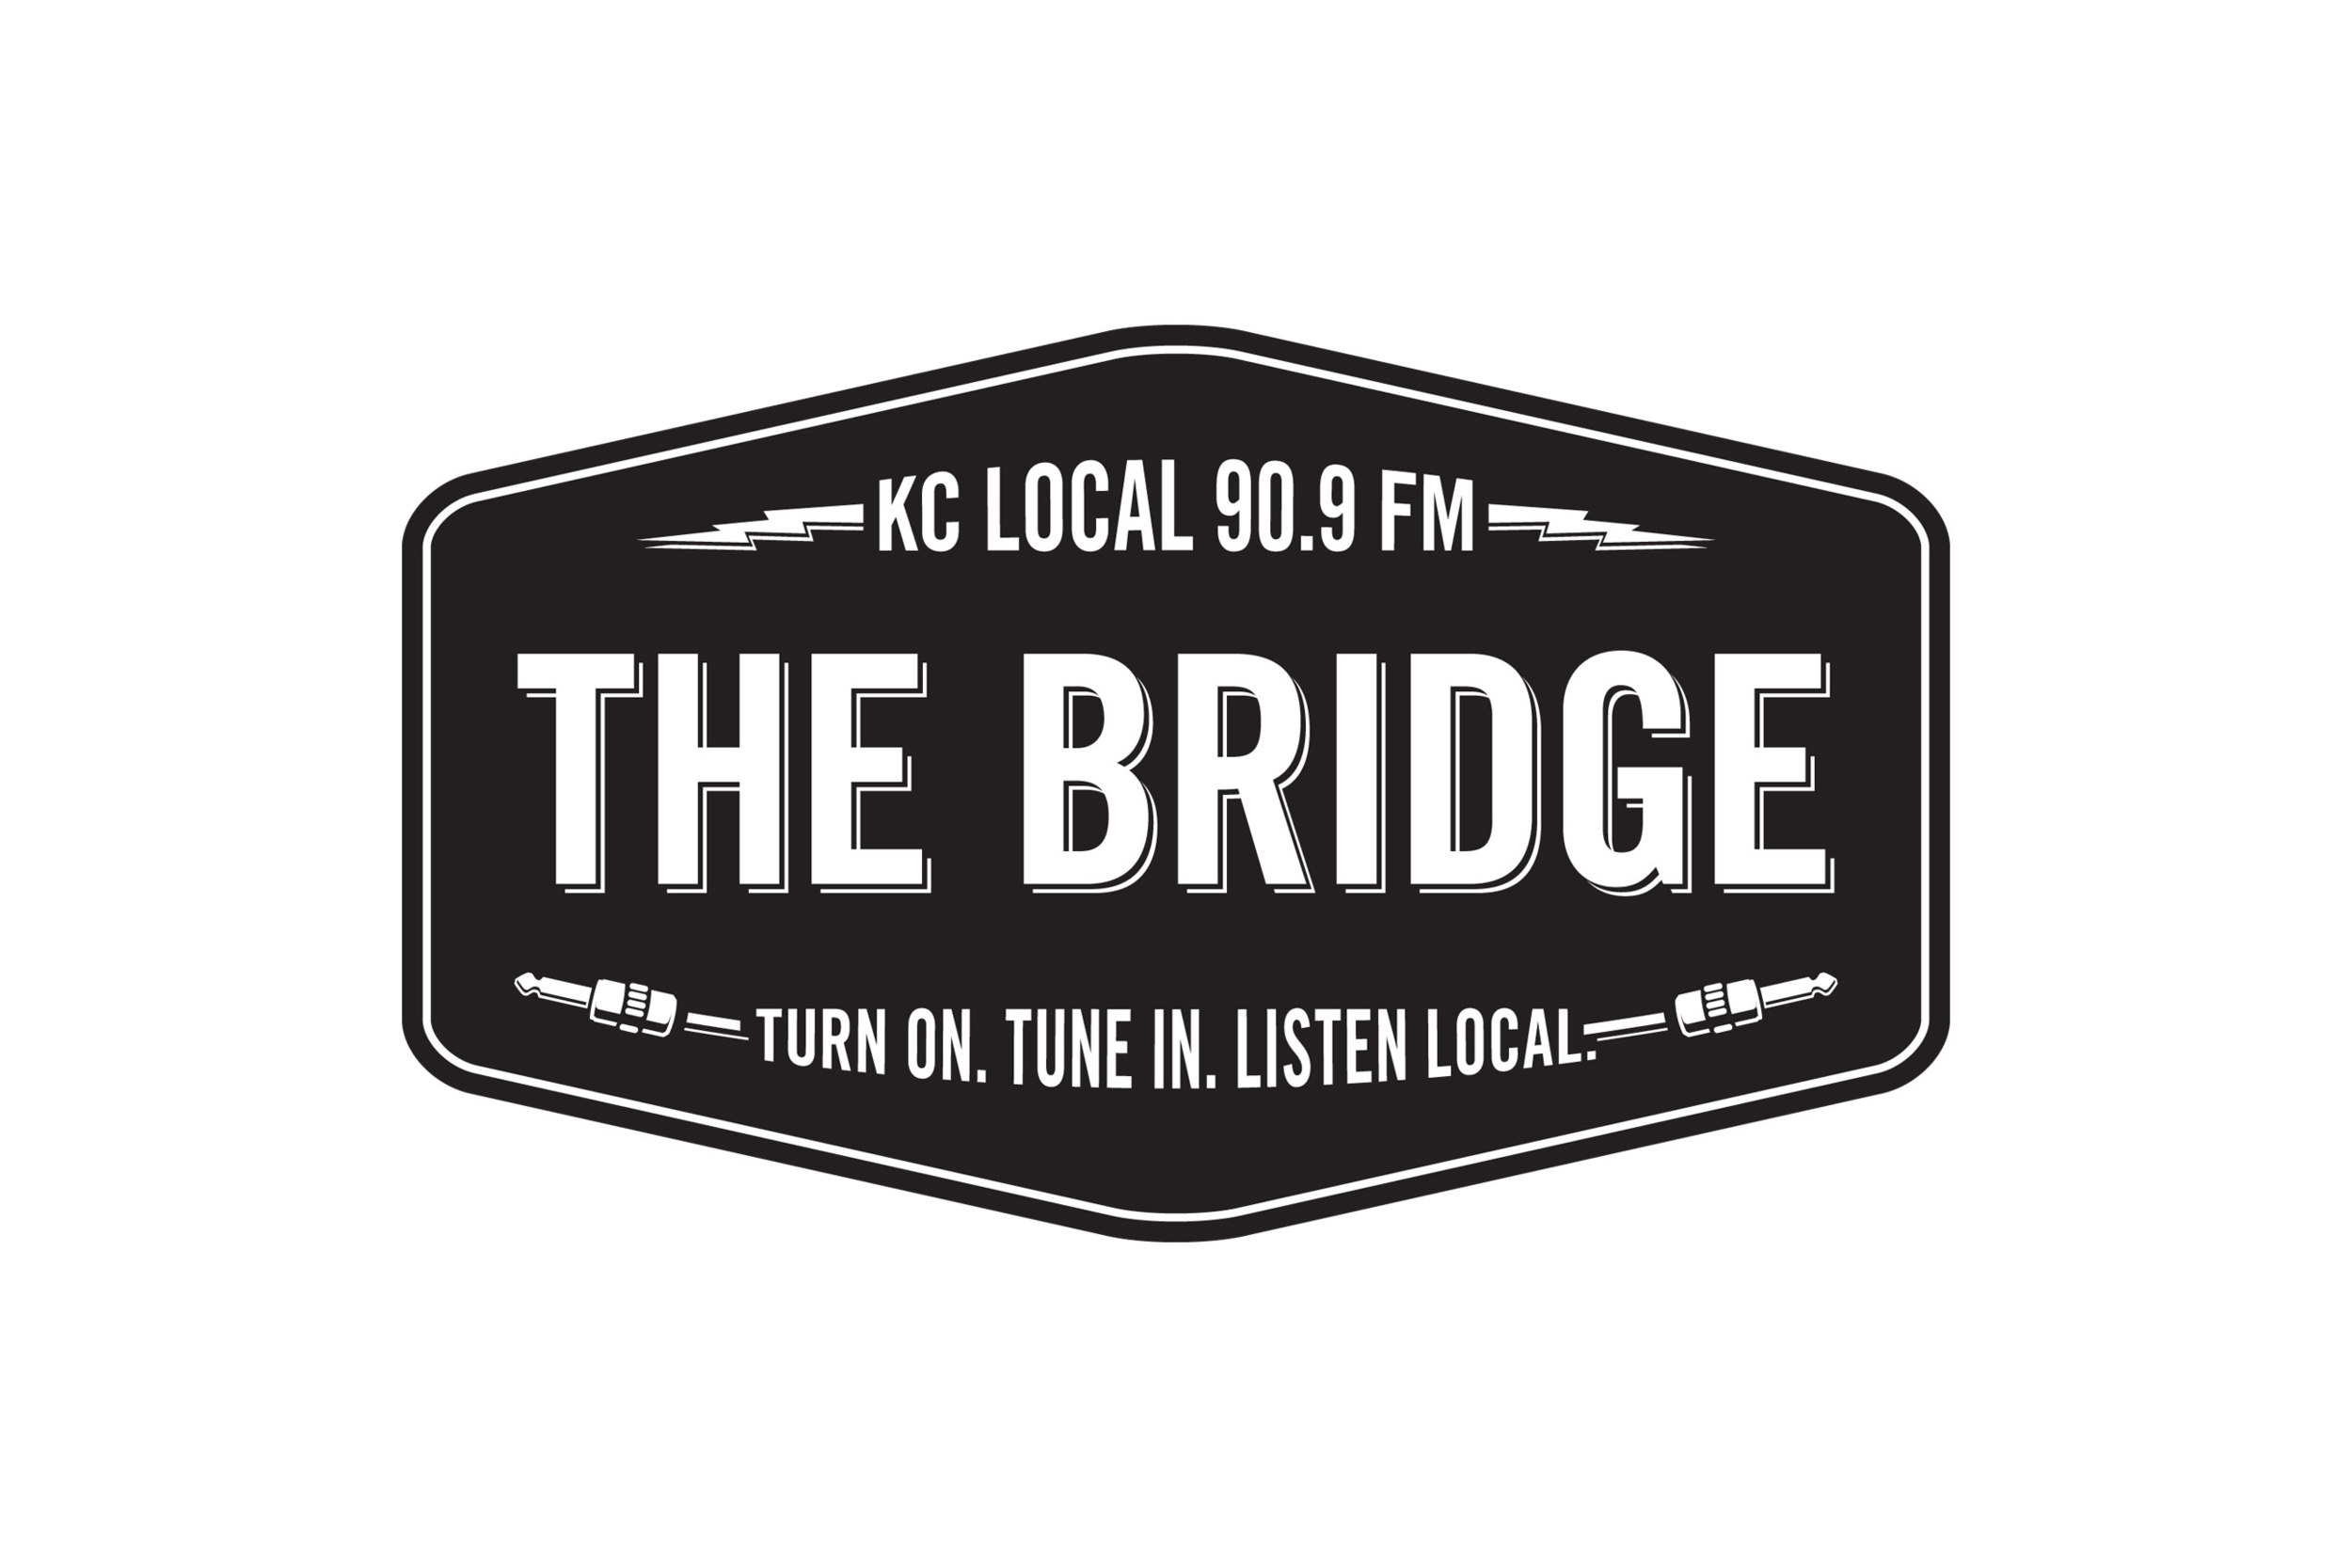 90.9 FM The Bridge